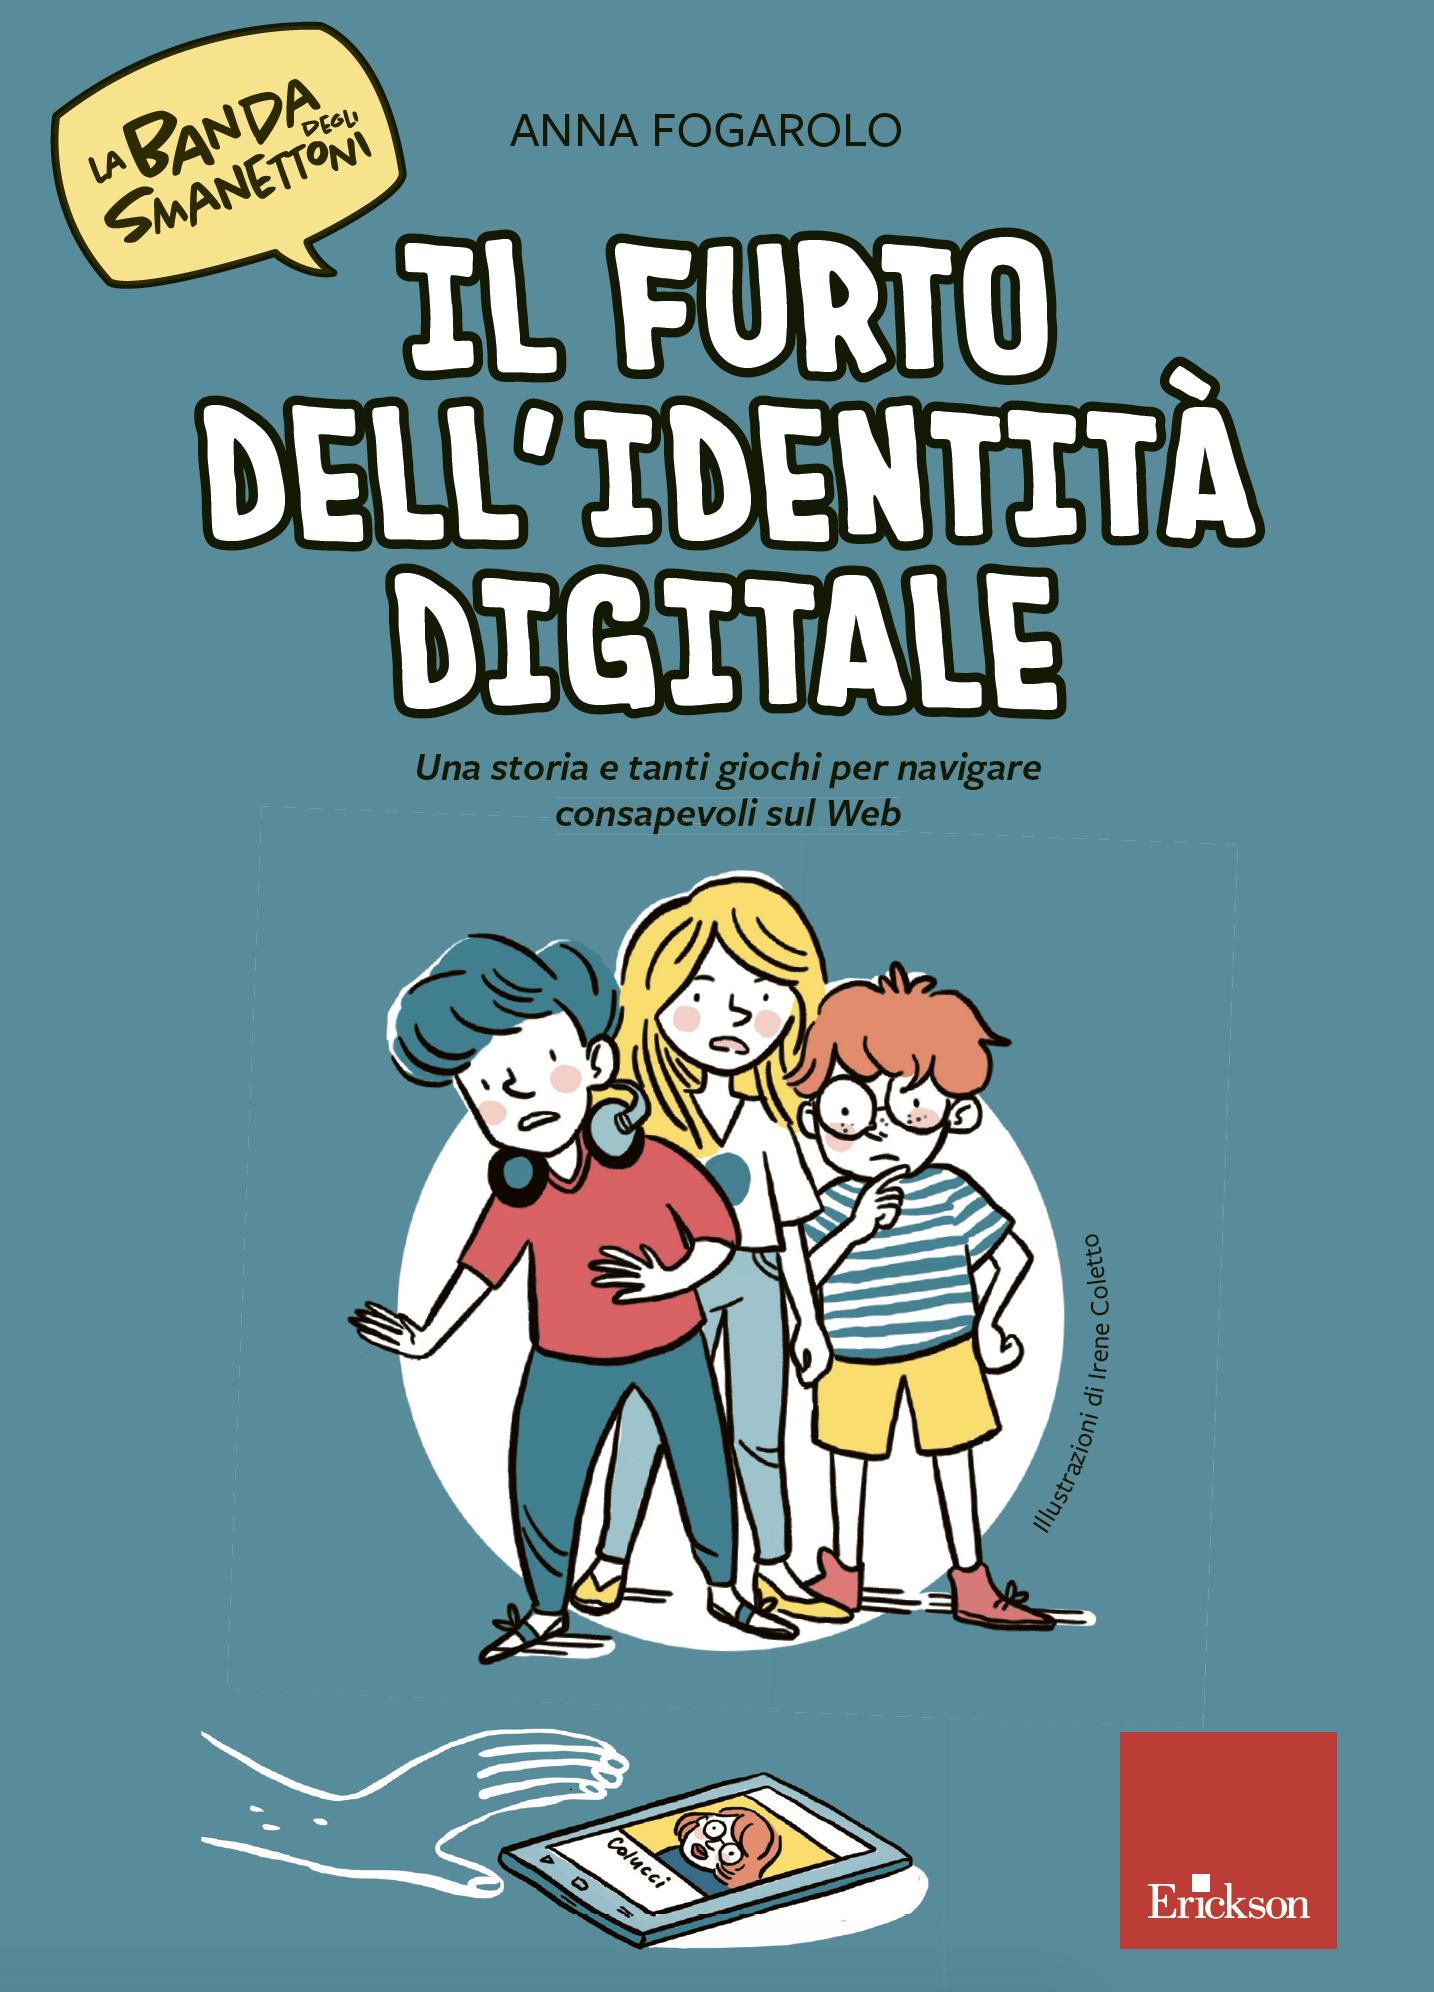 IL LIBRO In occasione del Safer Internet Day 2020, Erickson propone il libro/gioco di Anna Fogarolo. Una storia divertente, fatta di giochi ed enigmi, per promuovere un uso consapevole del Web e dei Social Network